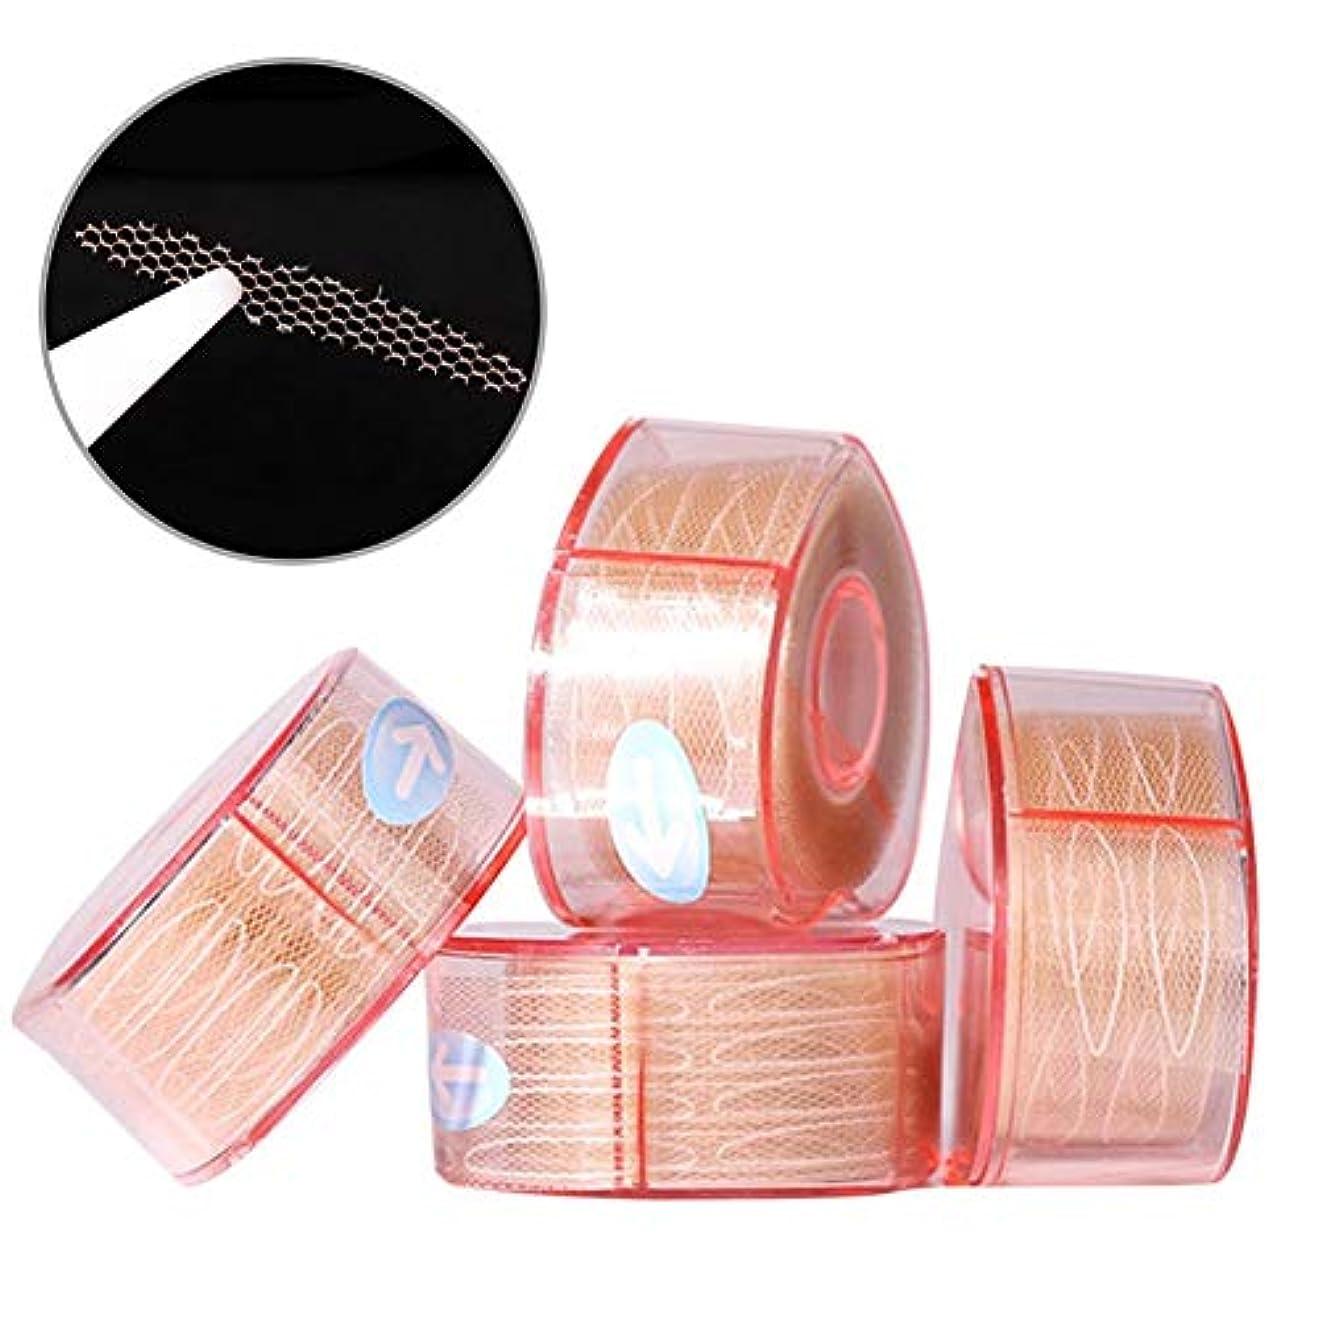 み拒否地下室ナチュラルアイテープ 二重まぶたステッカー 二重まぶたテープ 300組セット メッシュ 見えない バレない 通気性 アイメイク 4タイプ選べる junexi